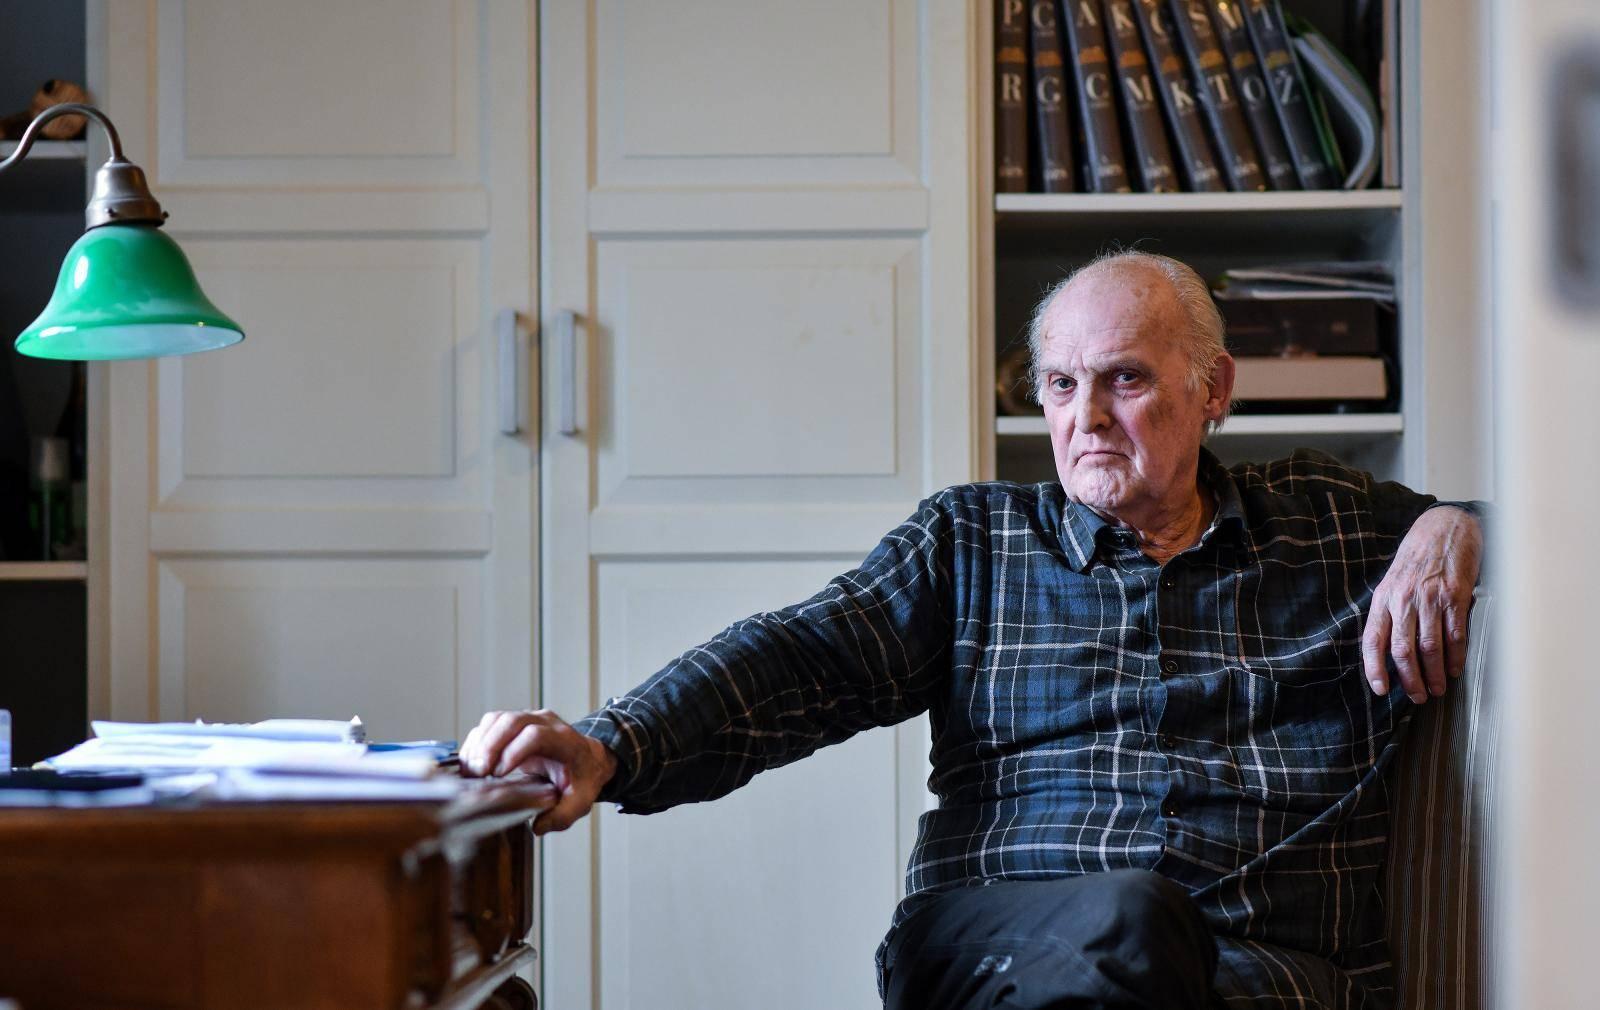 Glumac Radko Polič objavio je godinama odgađanu biografiju